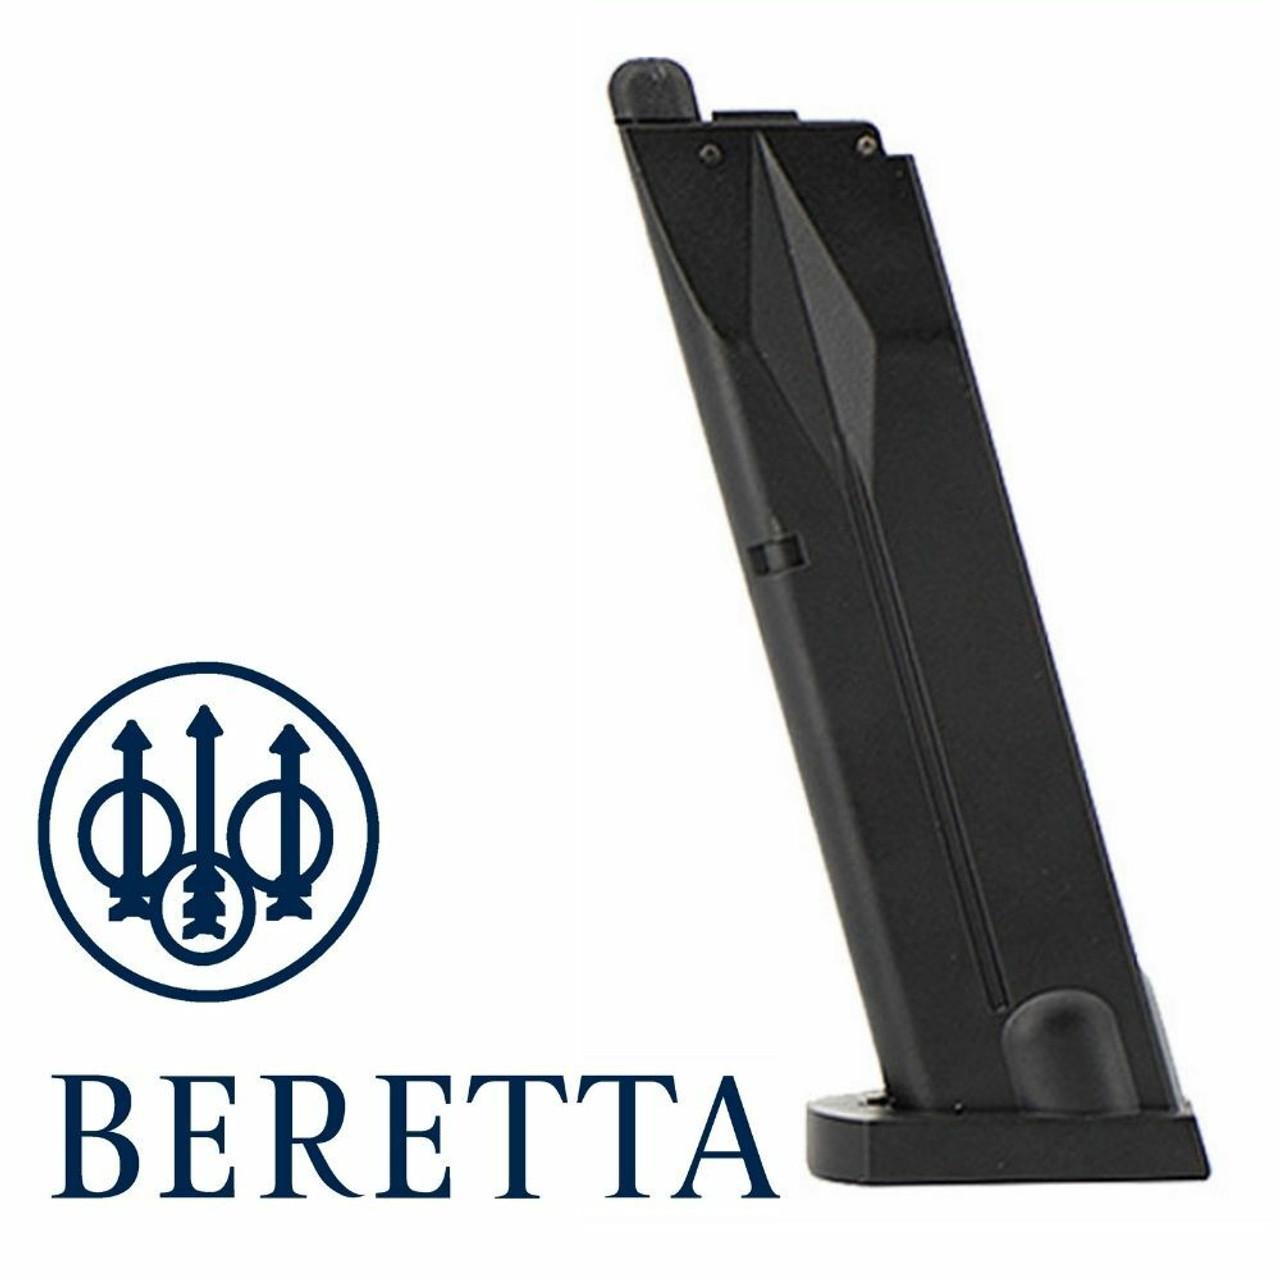 Airsoft Beretta Magazines